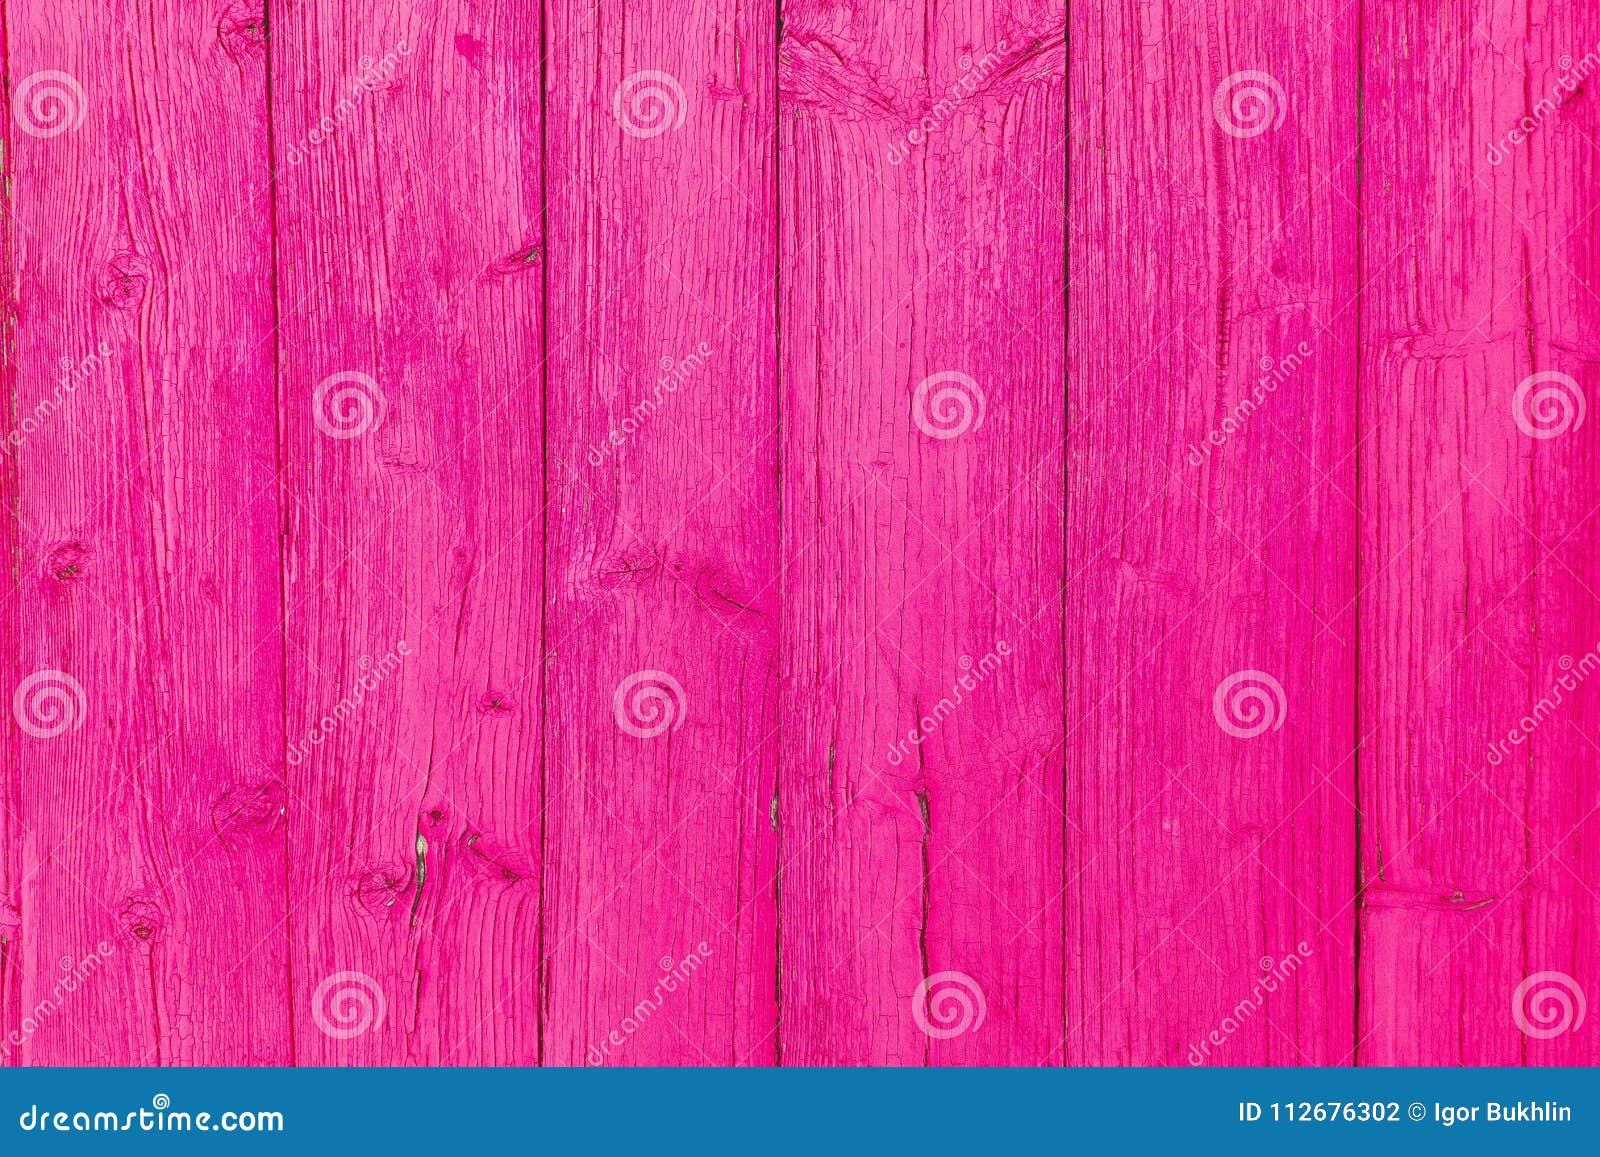 vieille texture en bois conception de cru peinture rose conception